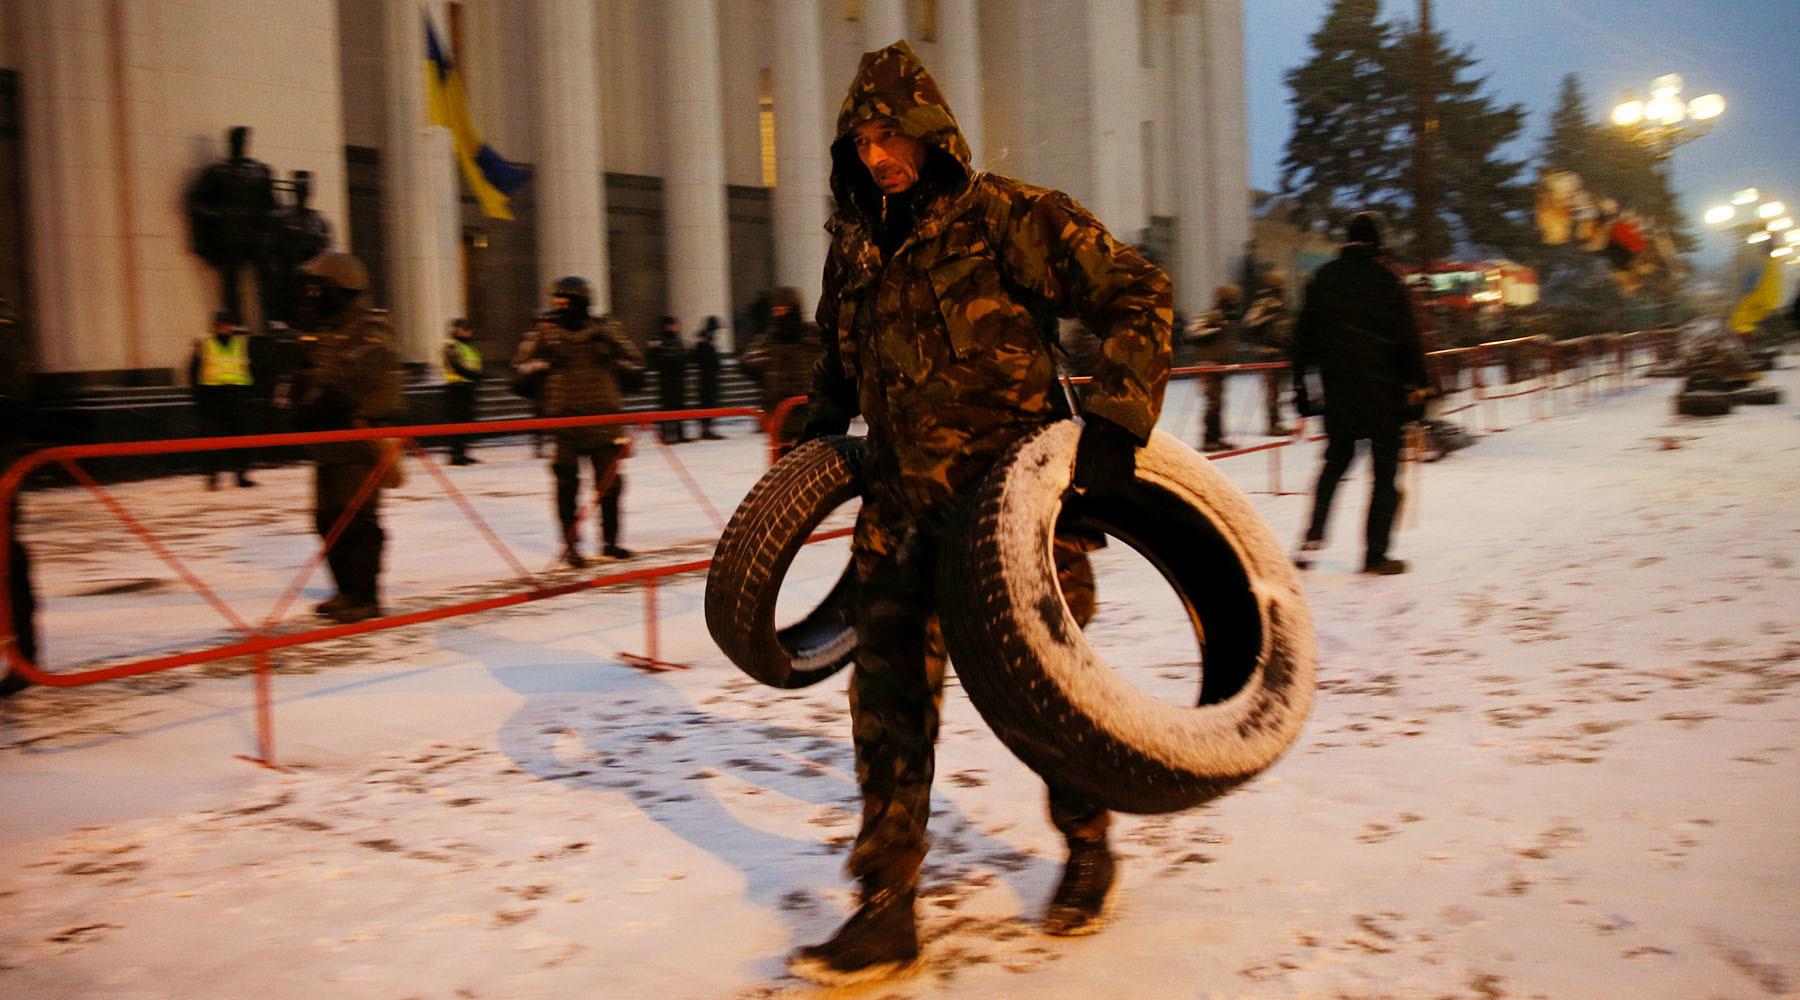 «Неужели опыт вас ничему не научил?»: Саакашвили обратился к Порошенко после нападения силовиков на лагерь у Рады